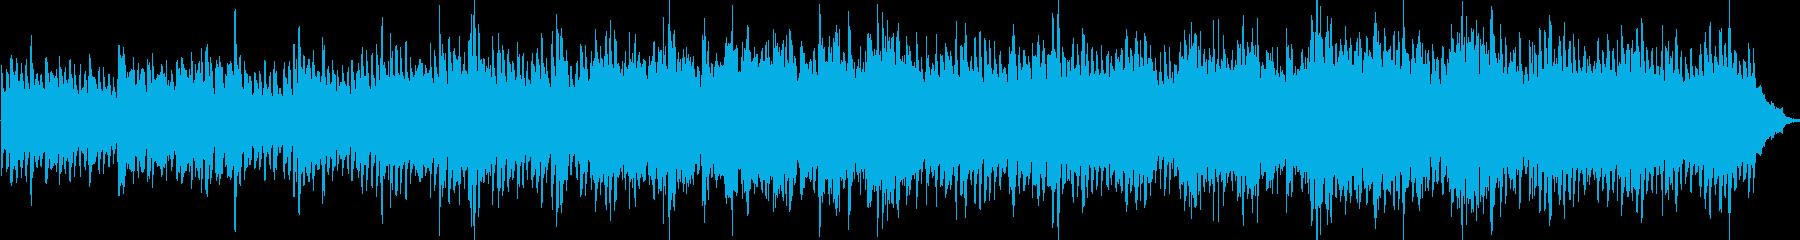 ピアノ、ピチカートストリングス、少...の再生済みの波形